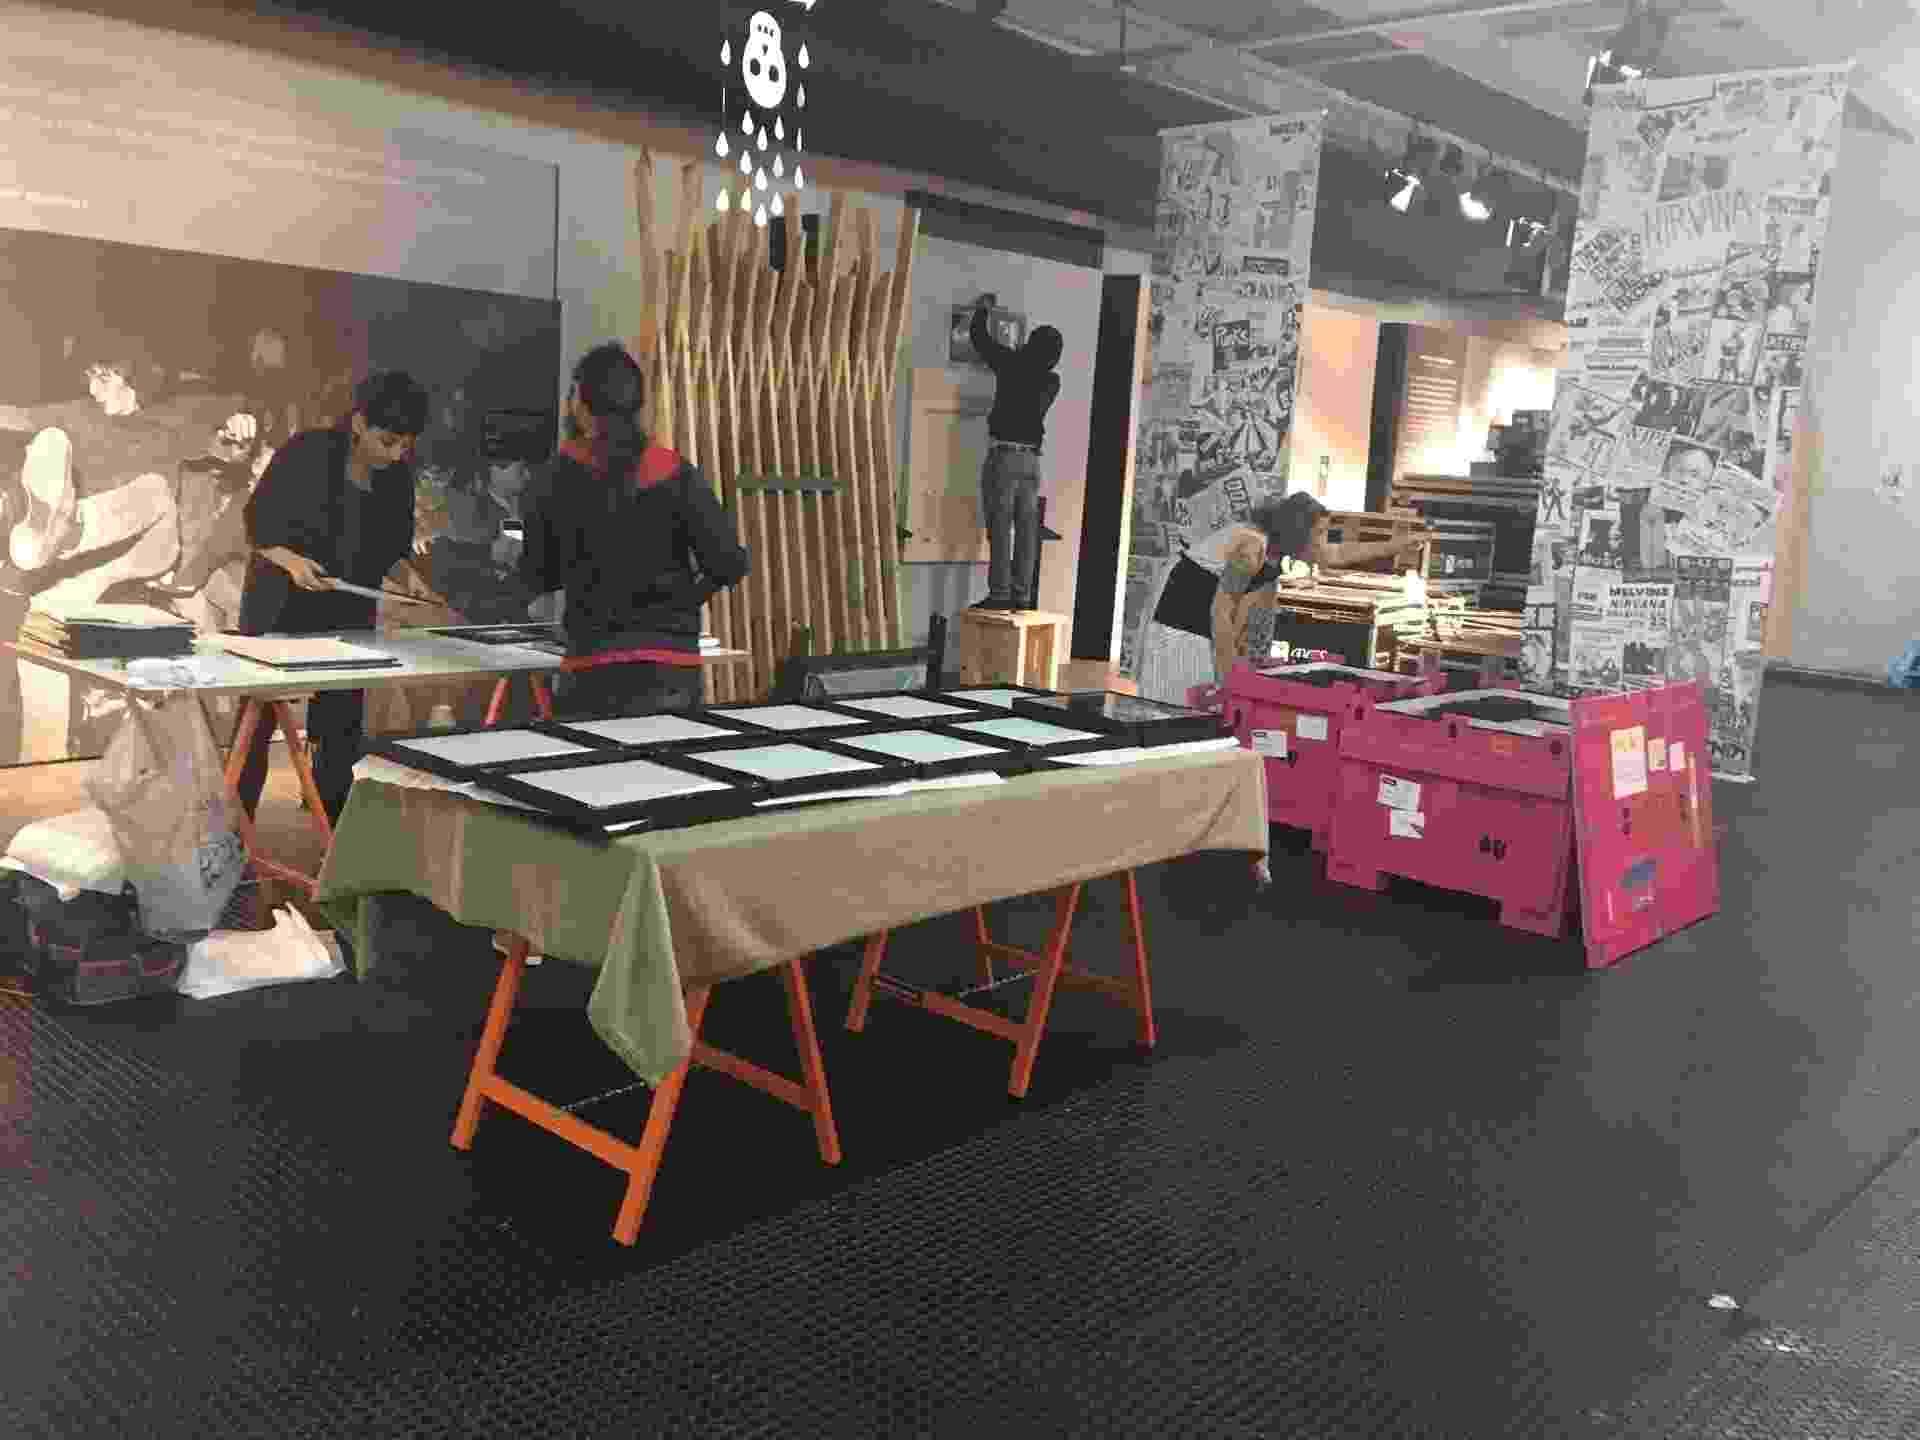 """Equipe organiza os objetos que serão expostos na mostra """"Nirvana: Taking Punk to the Masses"""" - Adriana de Barros/UOL"""